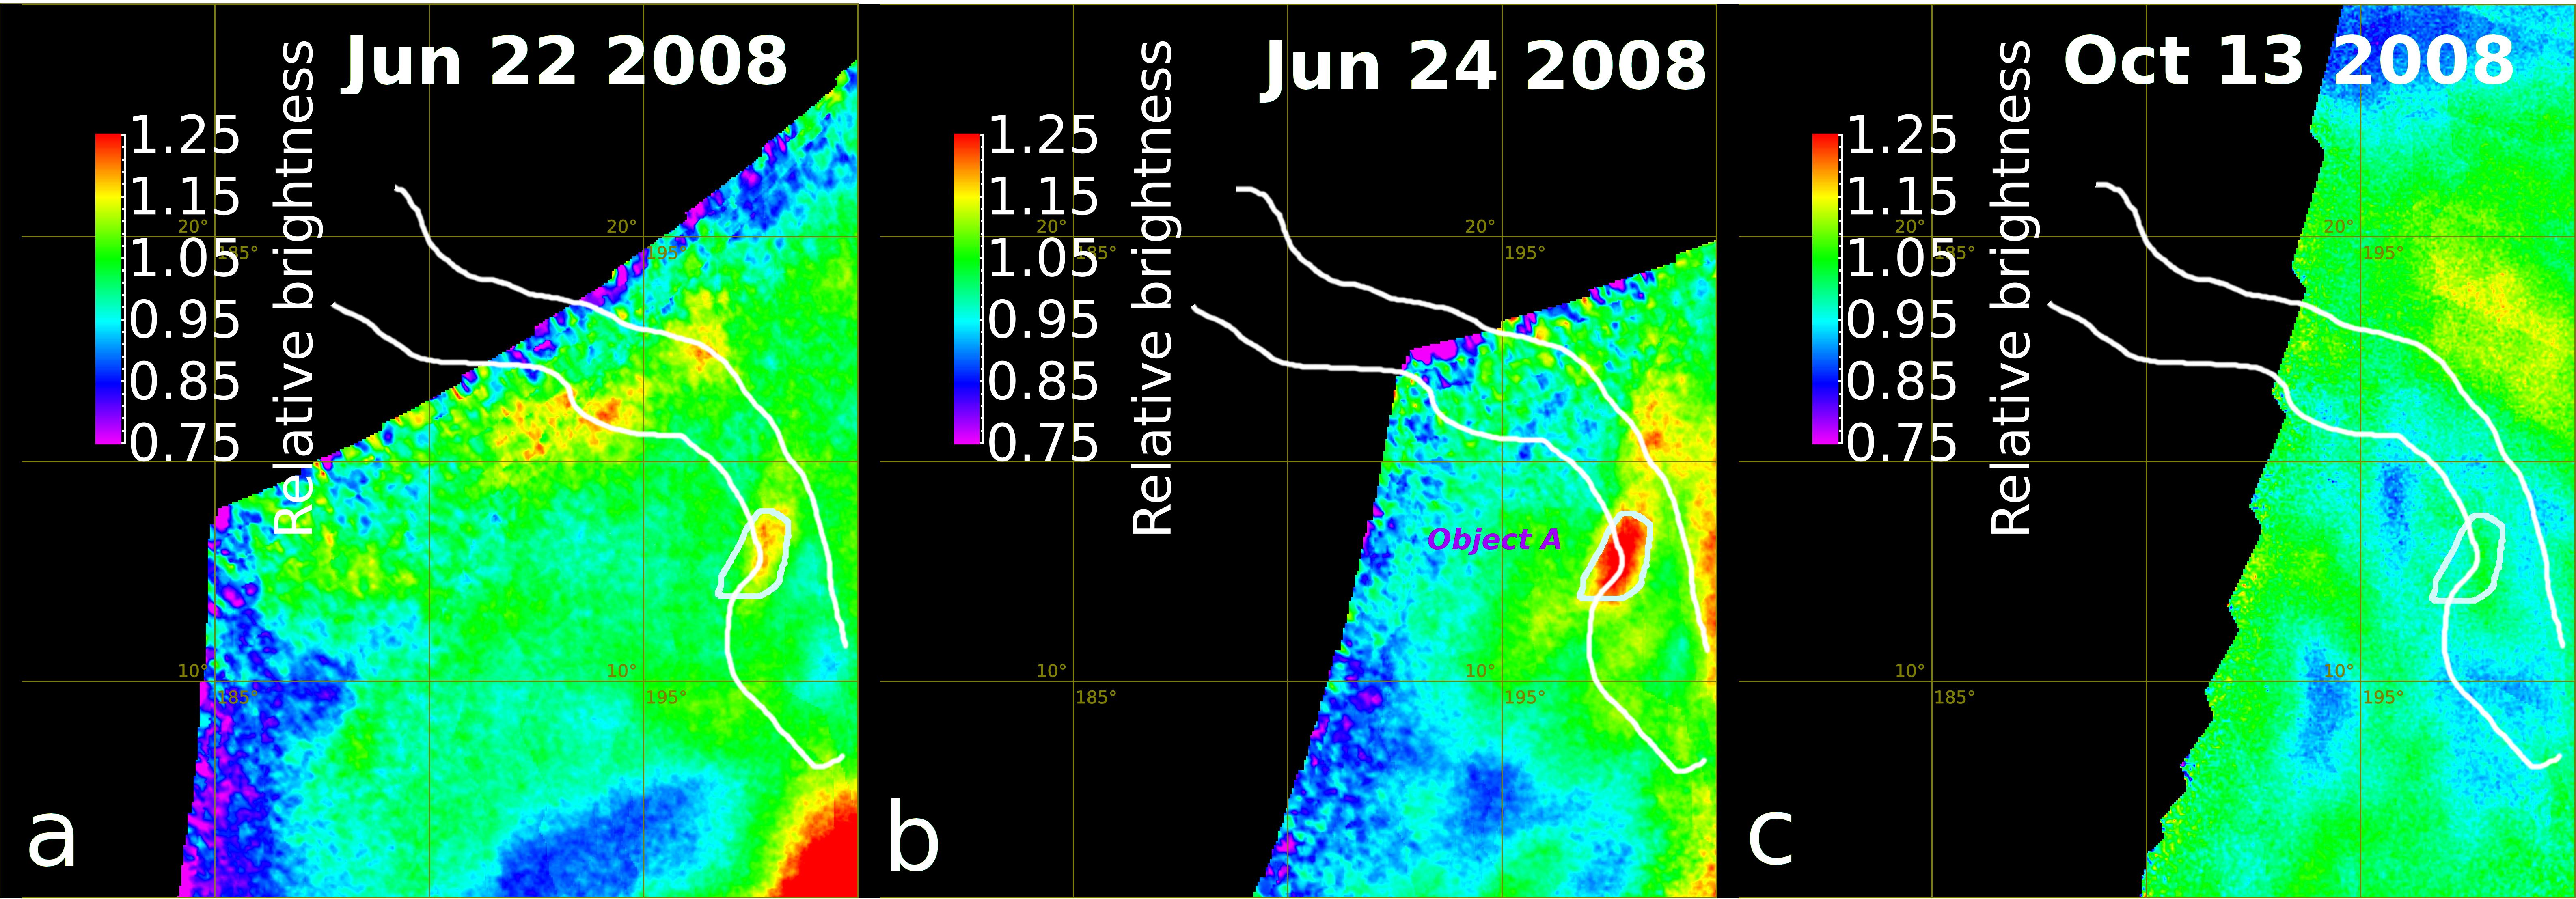 1567216167644-ESA_VEX_observations-vmc.png